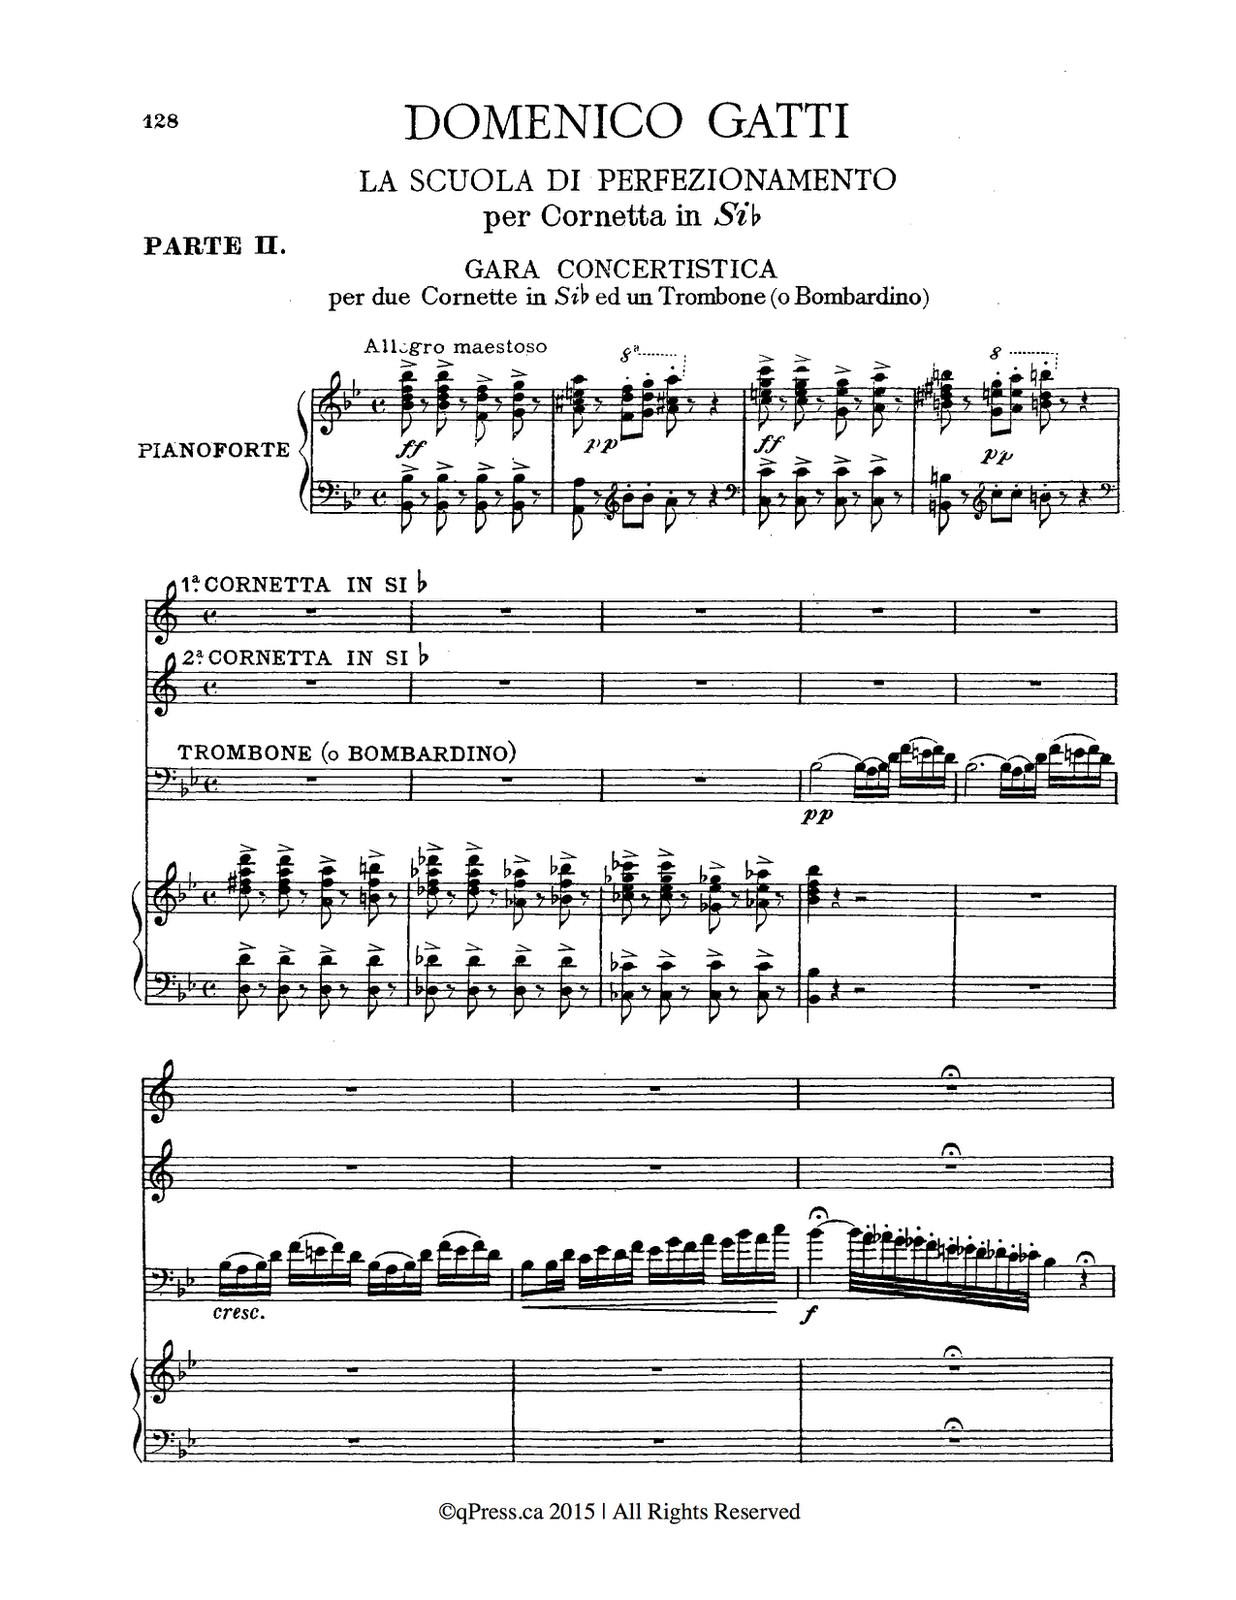 Gatti, La Scuola Di Perfezionamento Complete, Piano Score 2-1